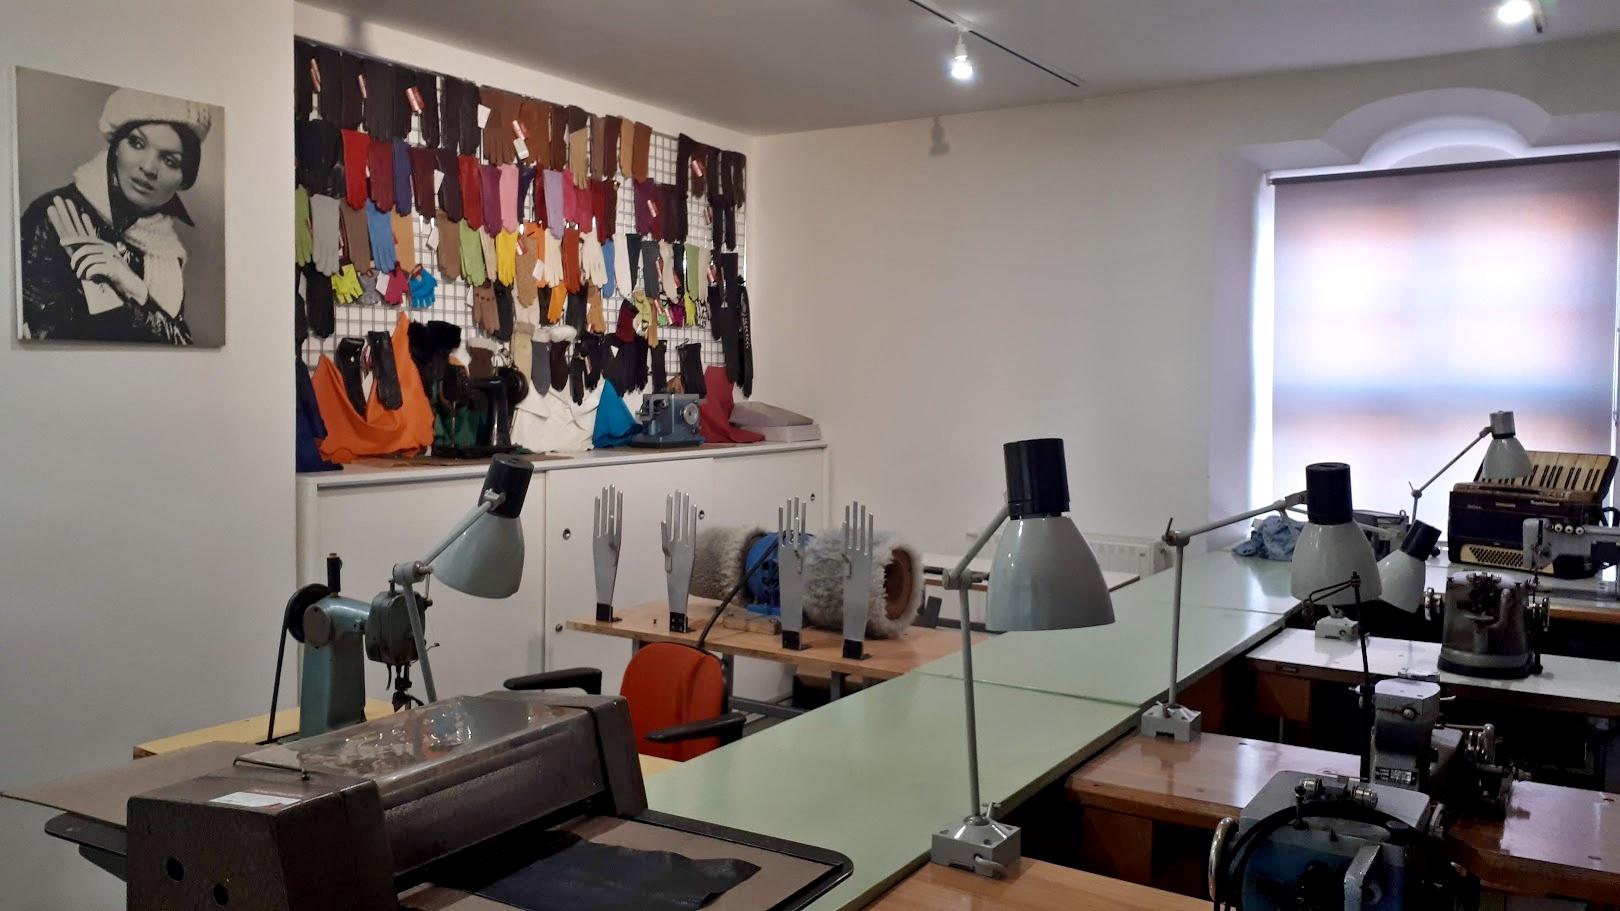 Součástí expozice Muzea Dobříš je rukavičkářská dílna. Několikrát za rok tady můžete sledovat při práci švadleny a žehlířky